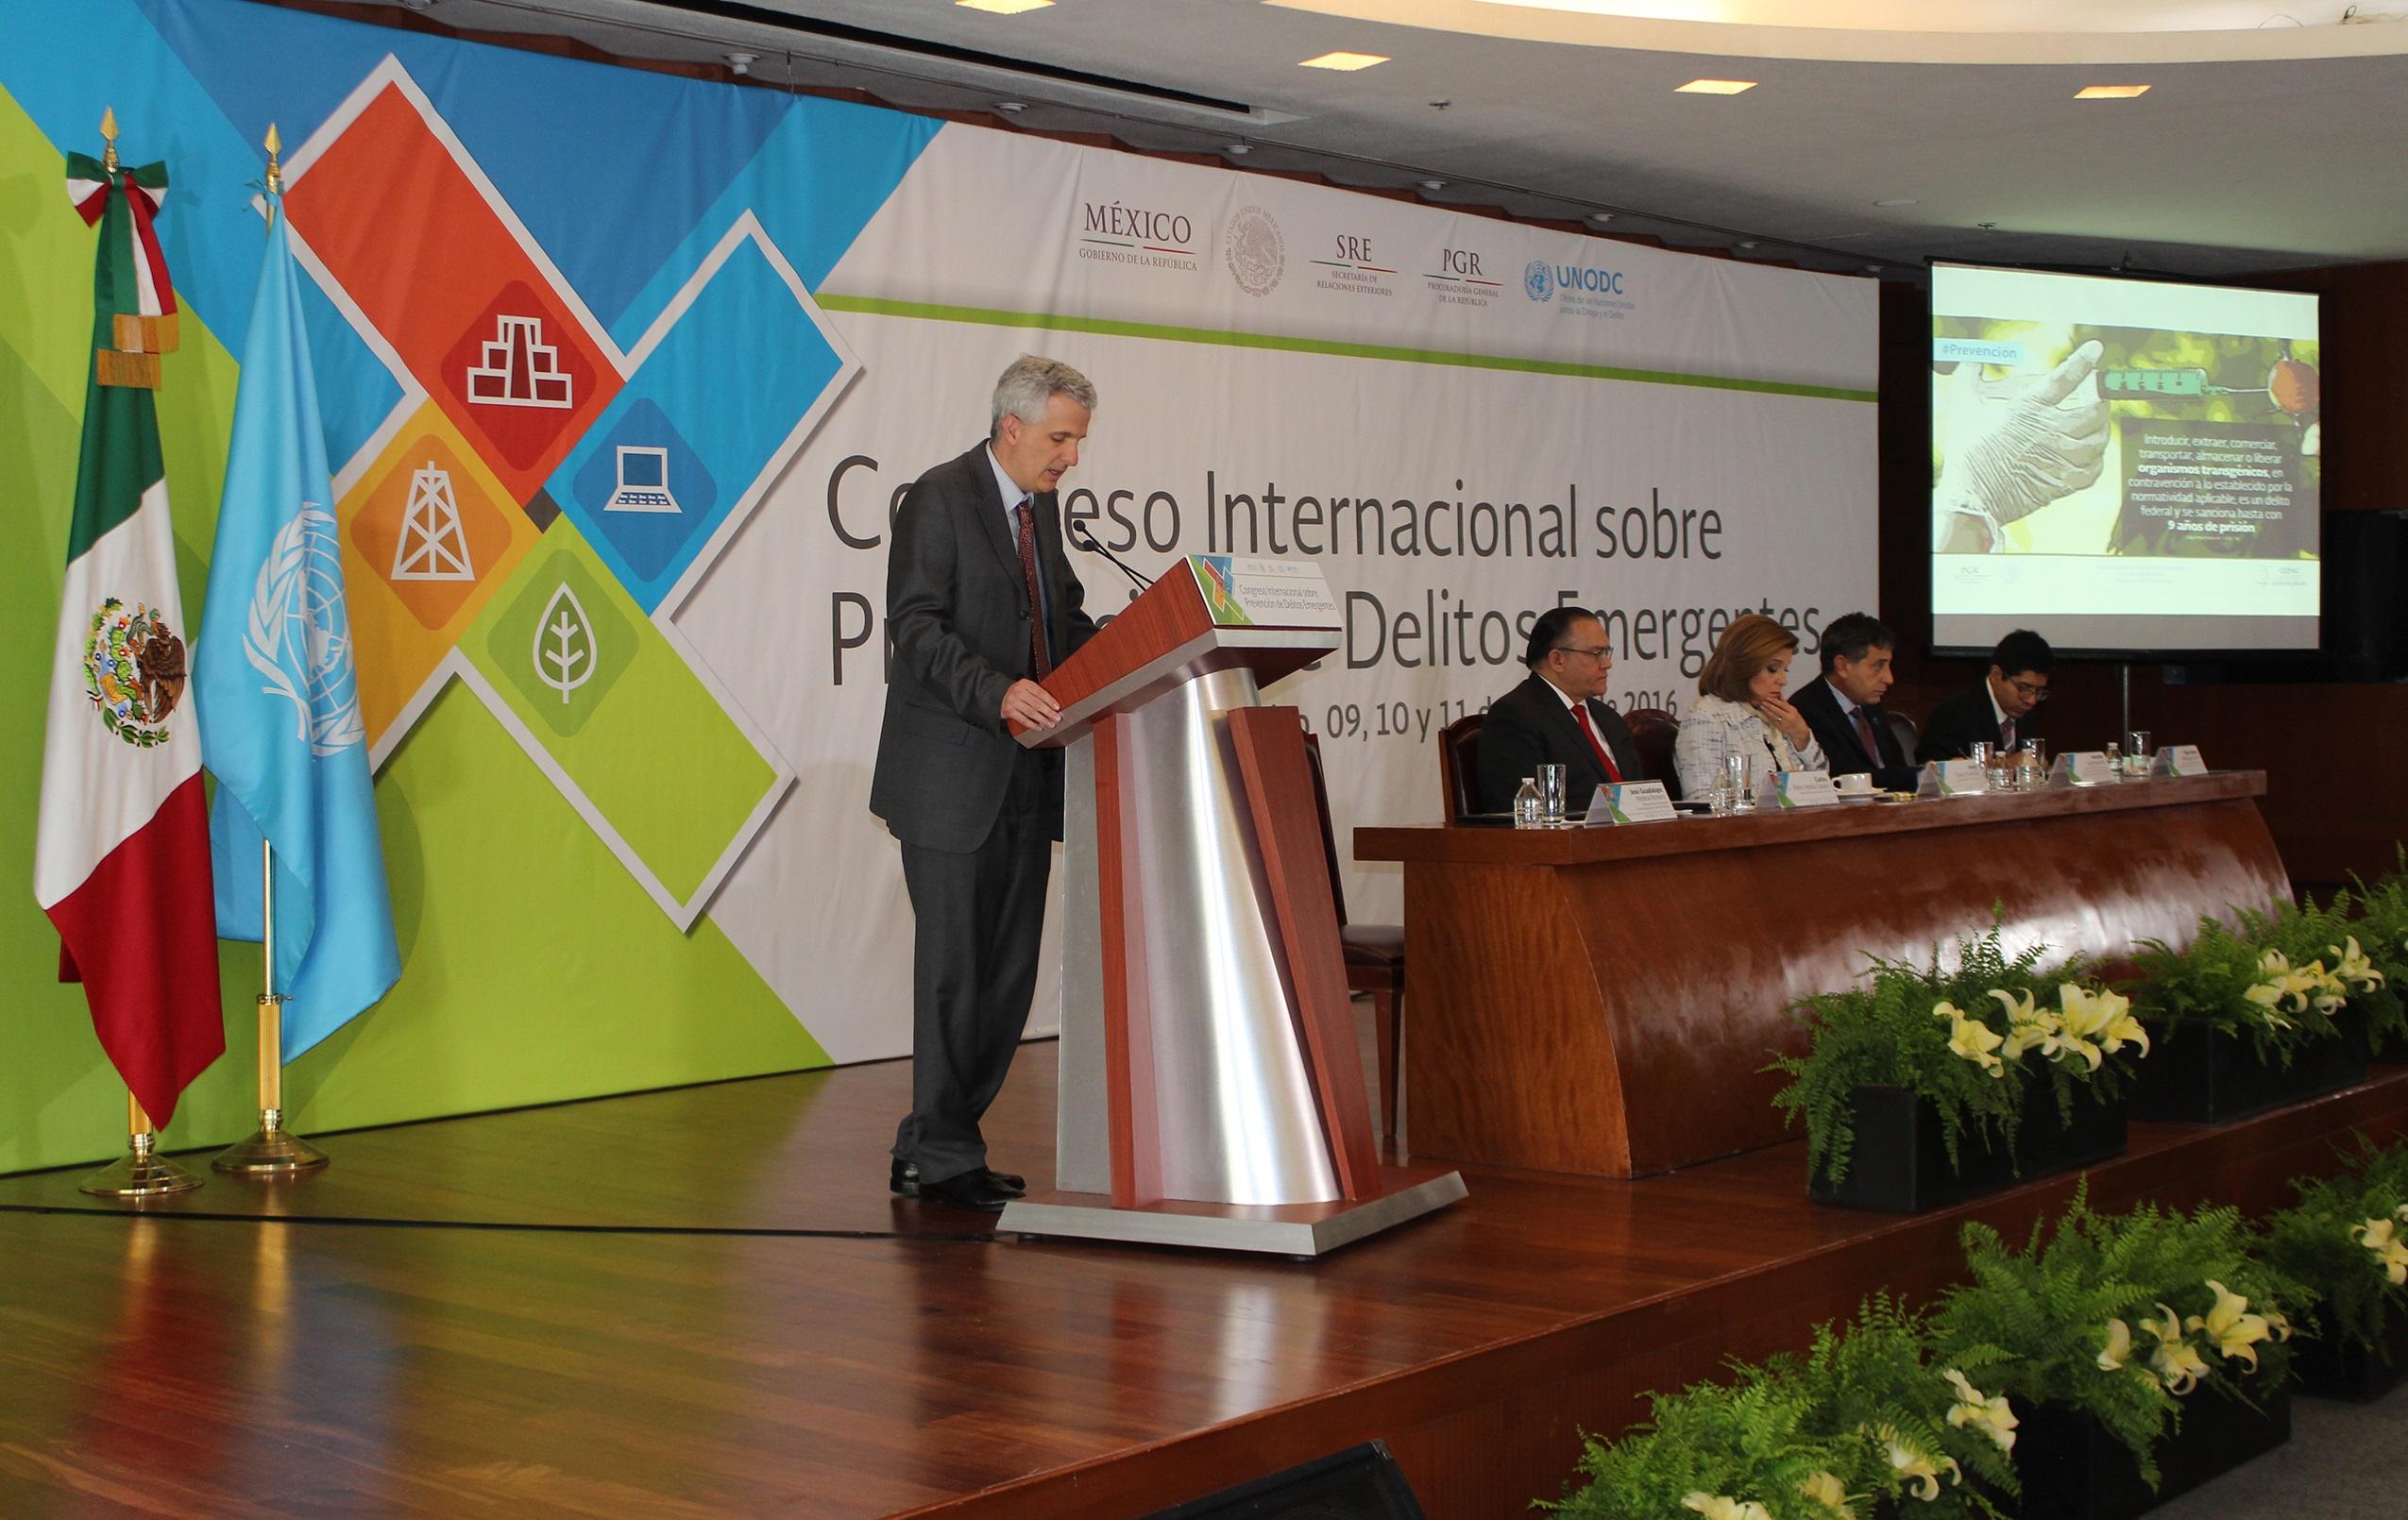 Foto 2 Congreso Internacional sobre Prevenci n de Delitos Emergentes2jpg